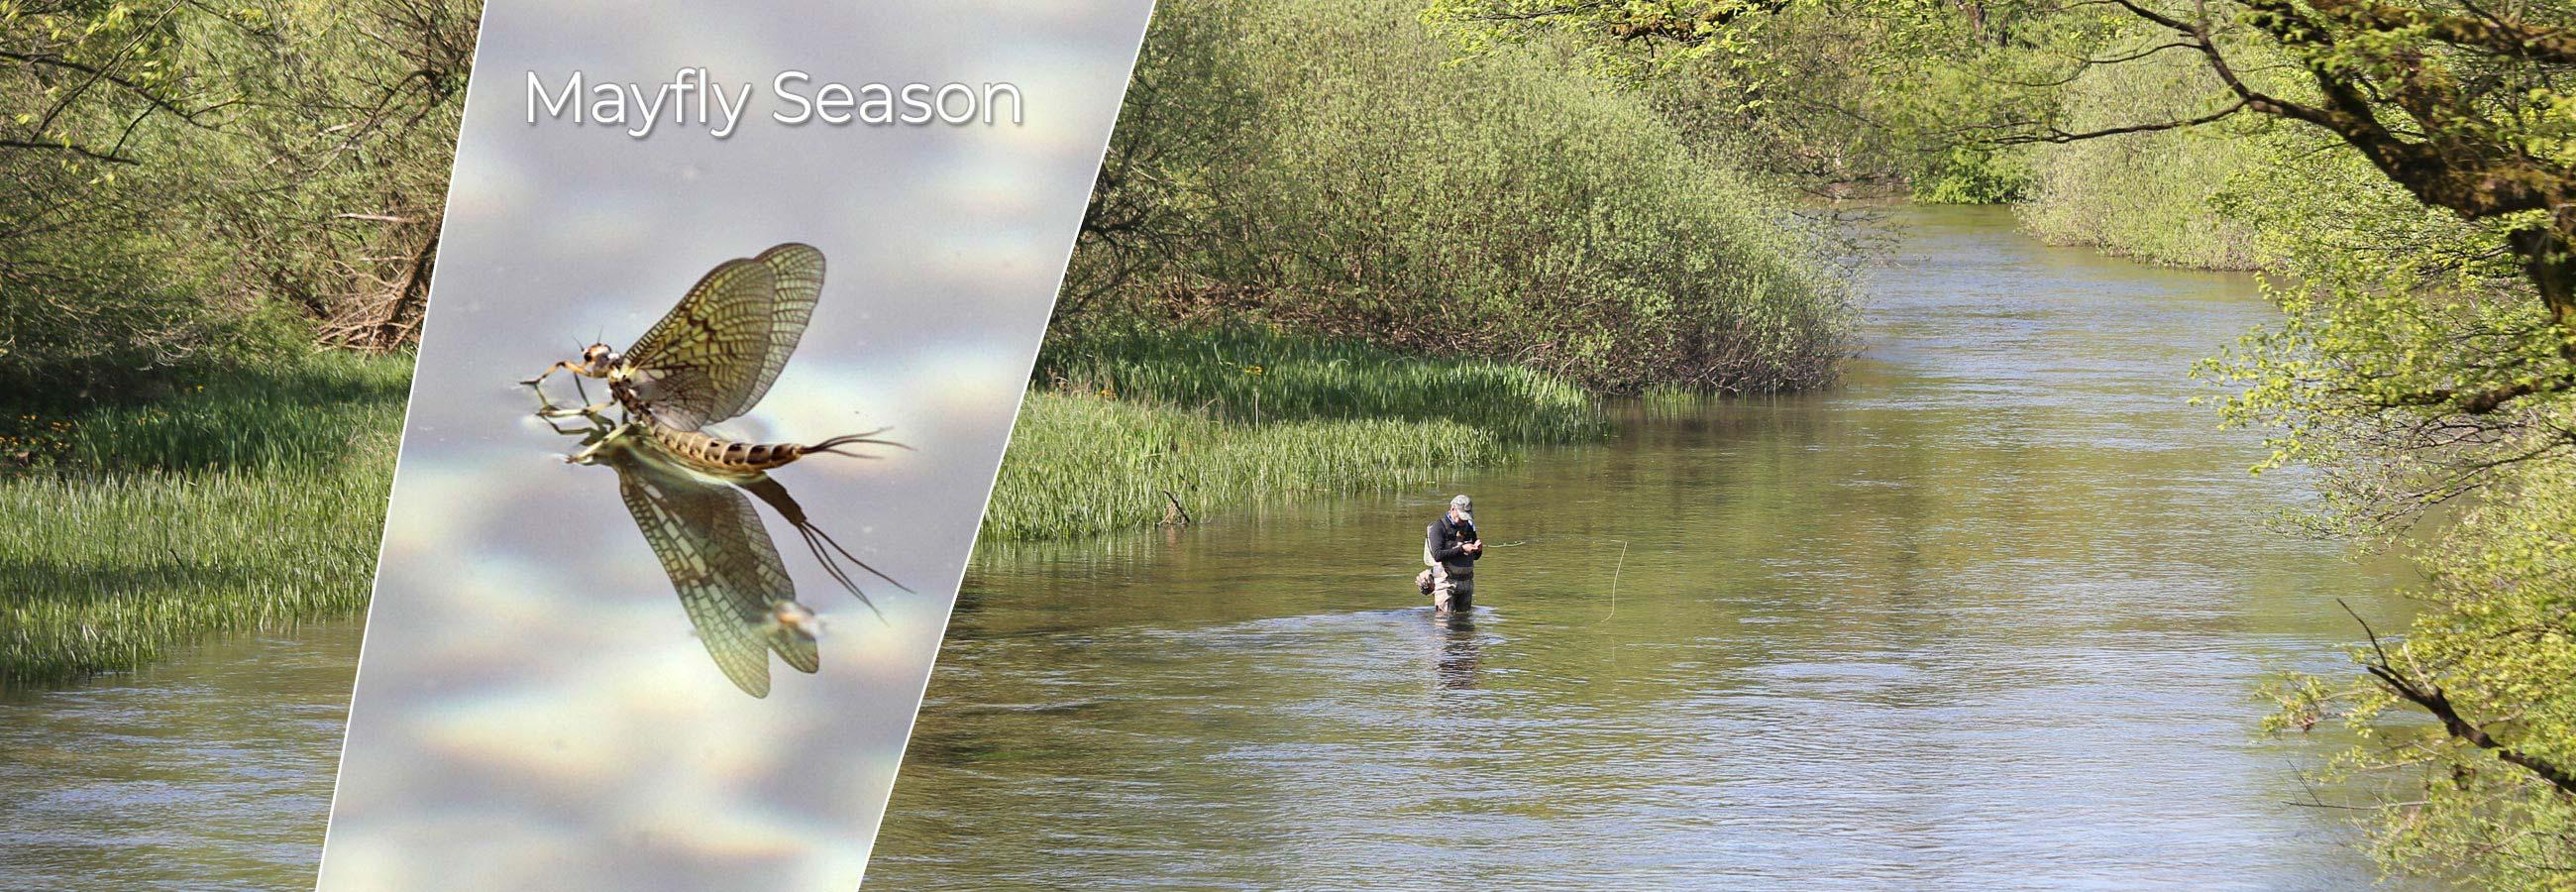 Mayfly Season Fly Fishing